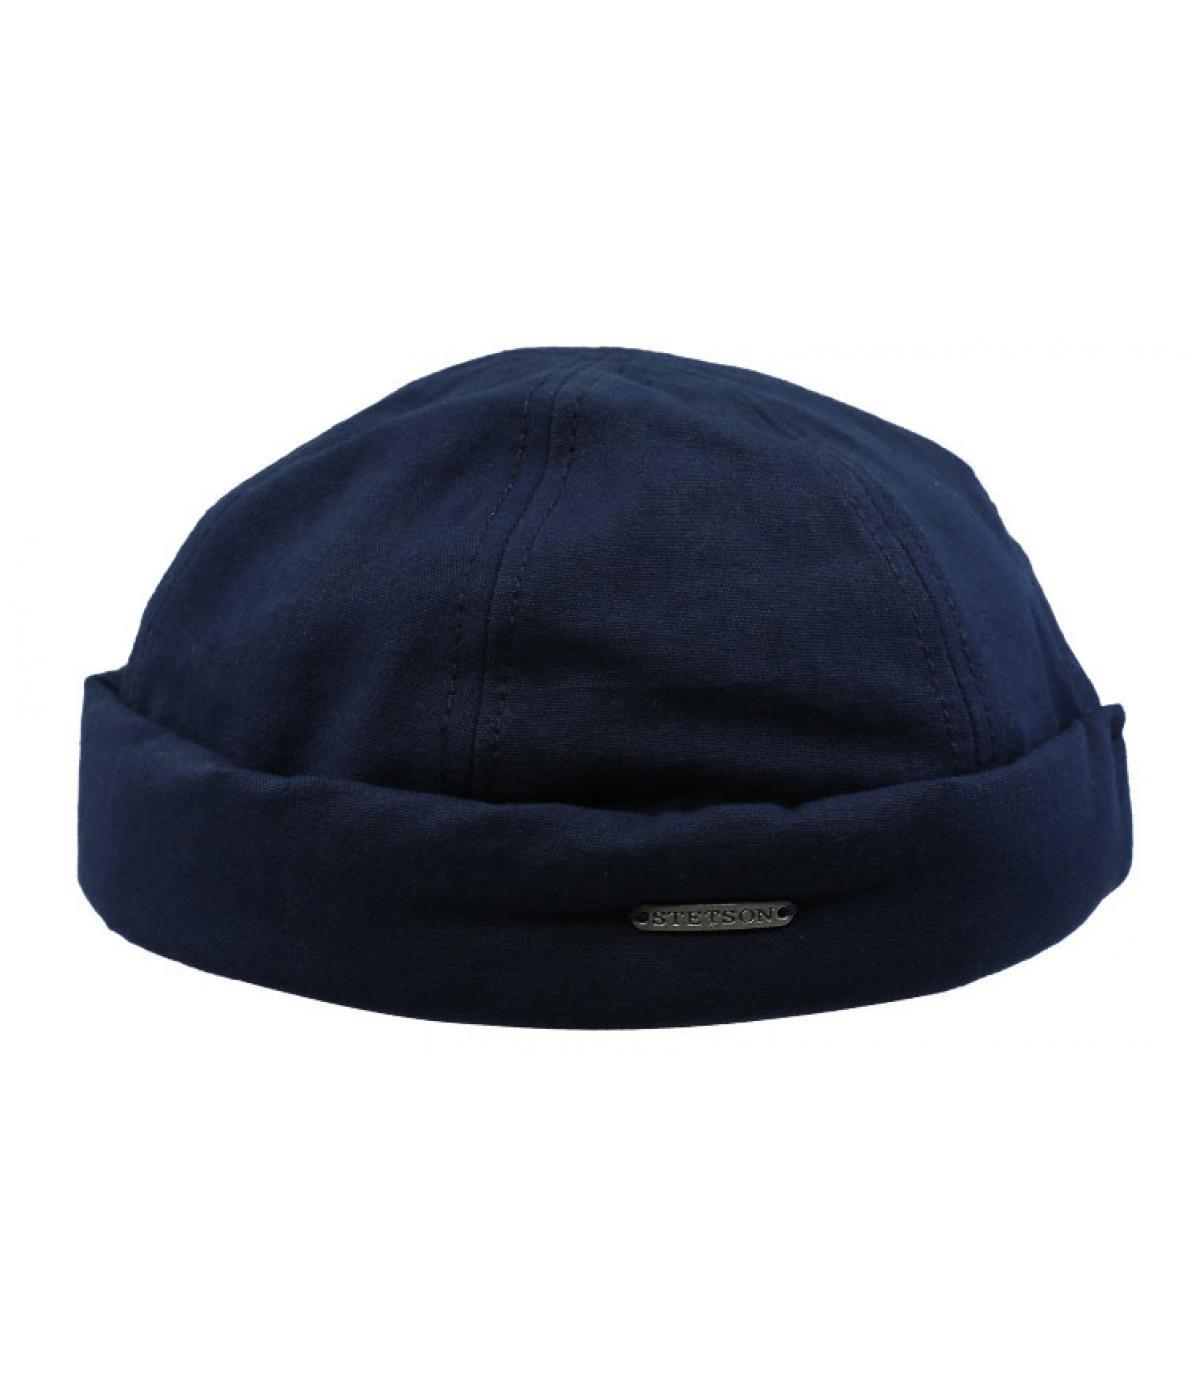 Stetson blauwe docker hoed